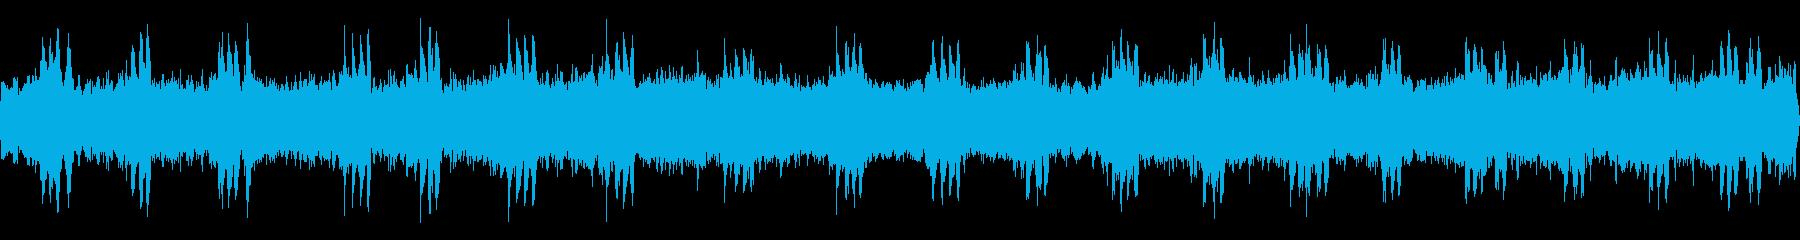 虫【初秋、夜遅く、学校】の再生済みの波形